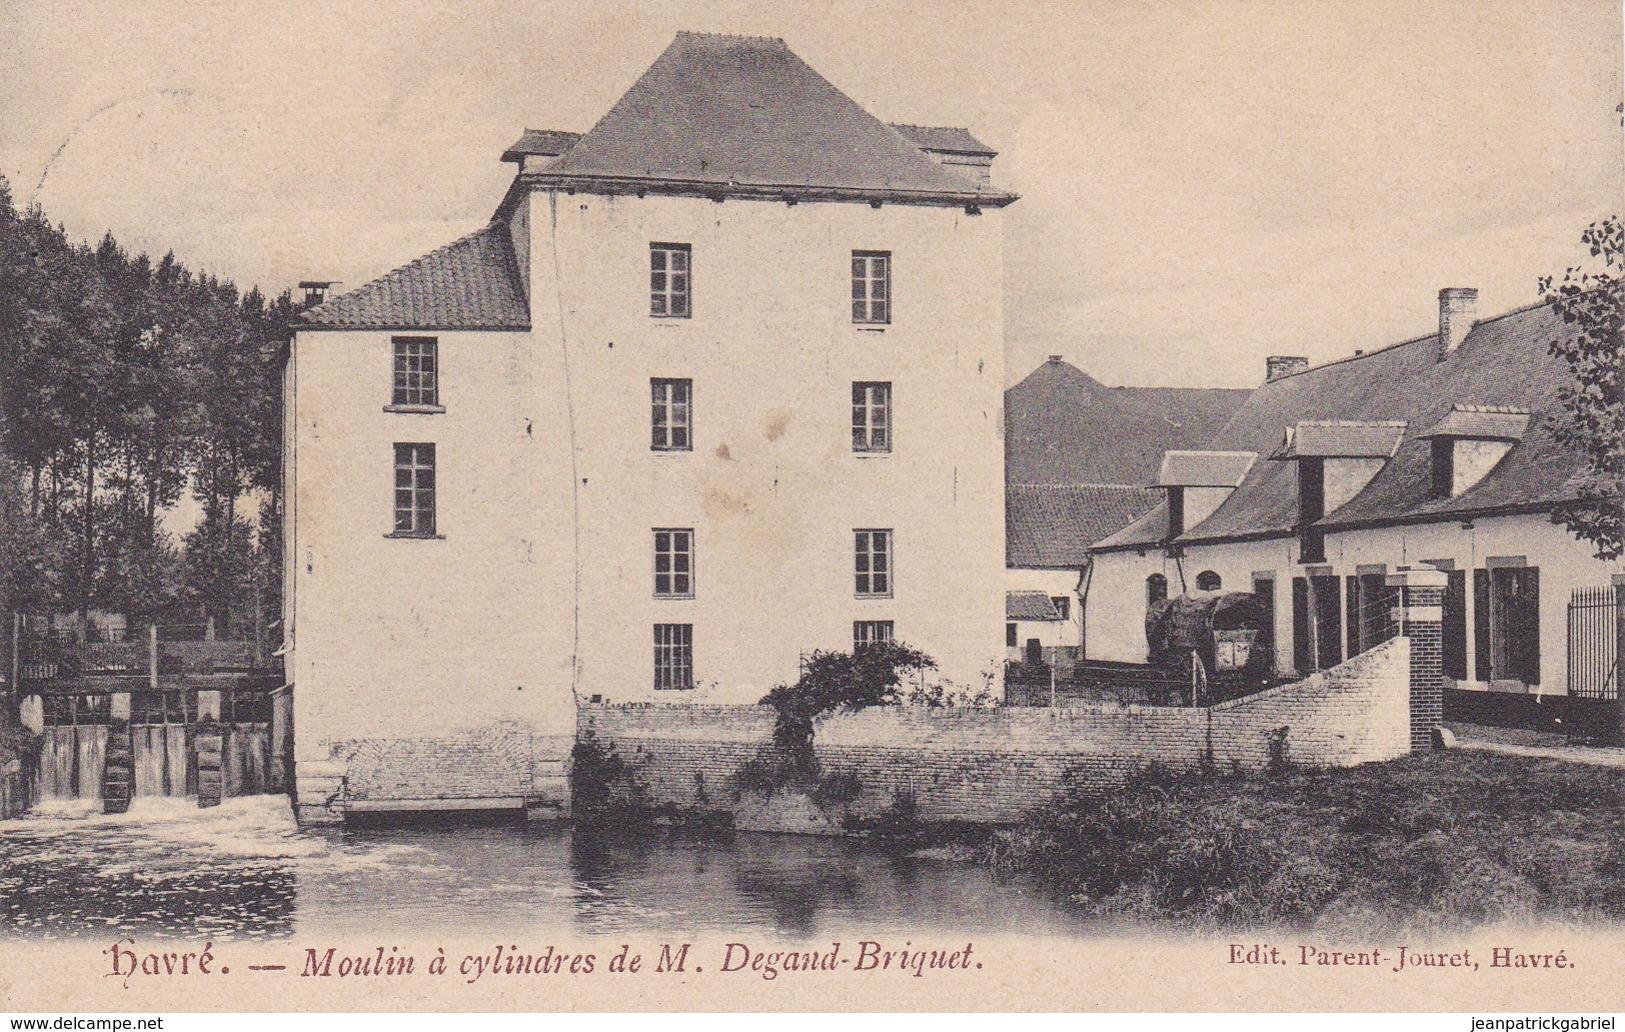 619 Havre Moulin A Cylindres De M Degand Briquet - Belgium